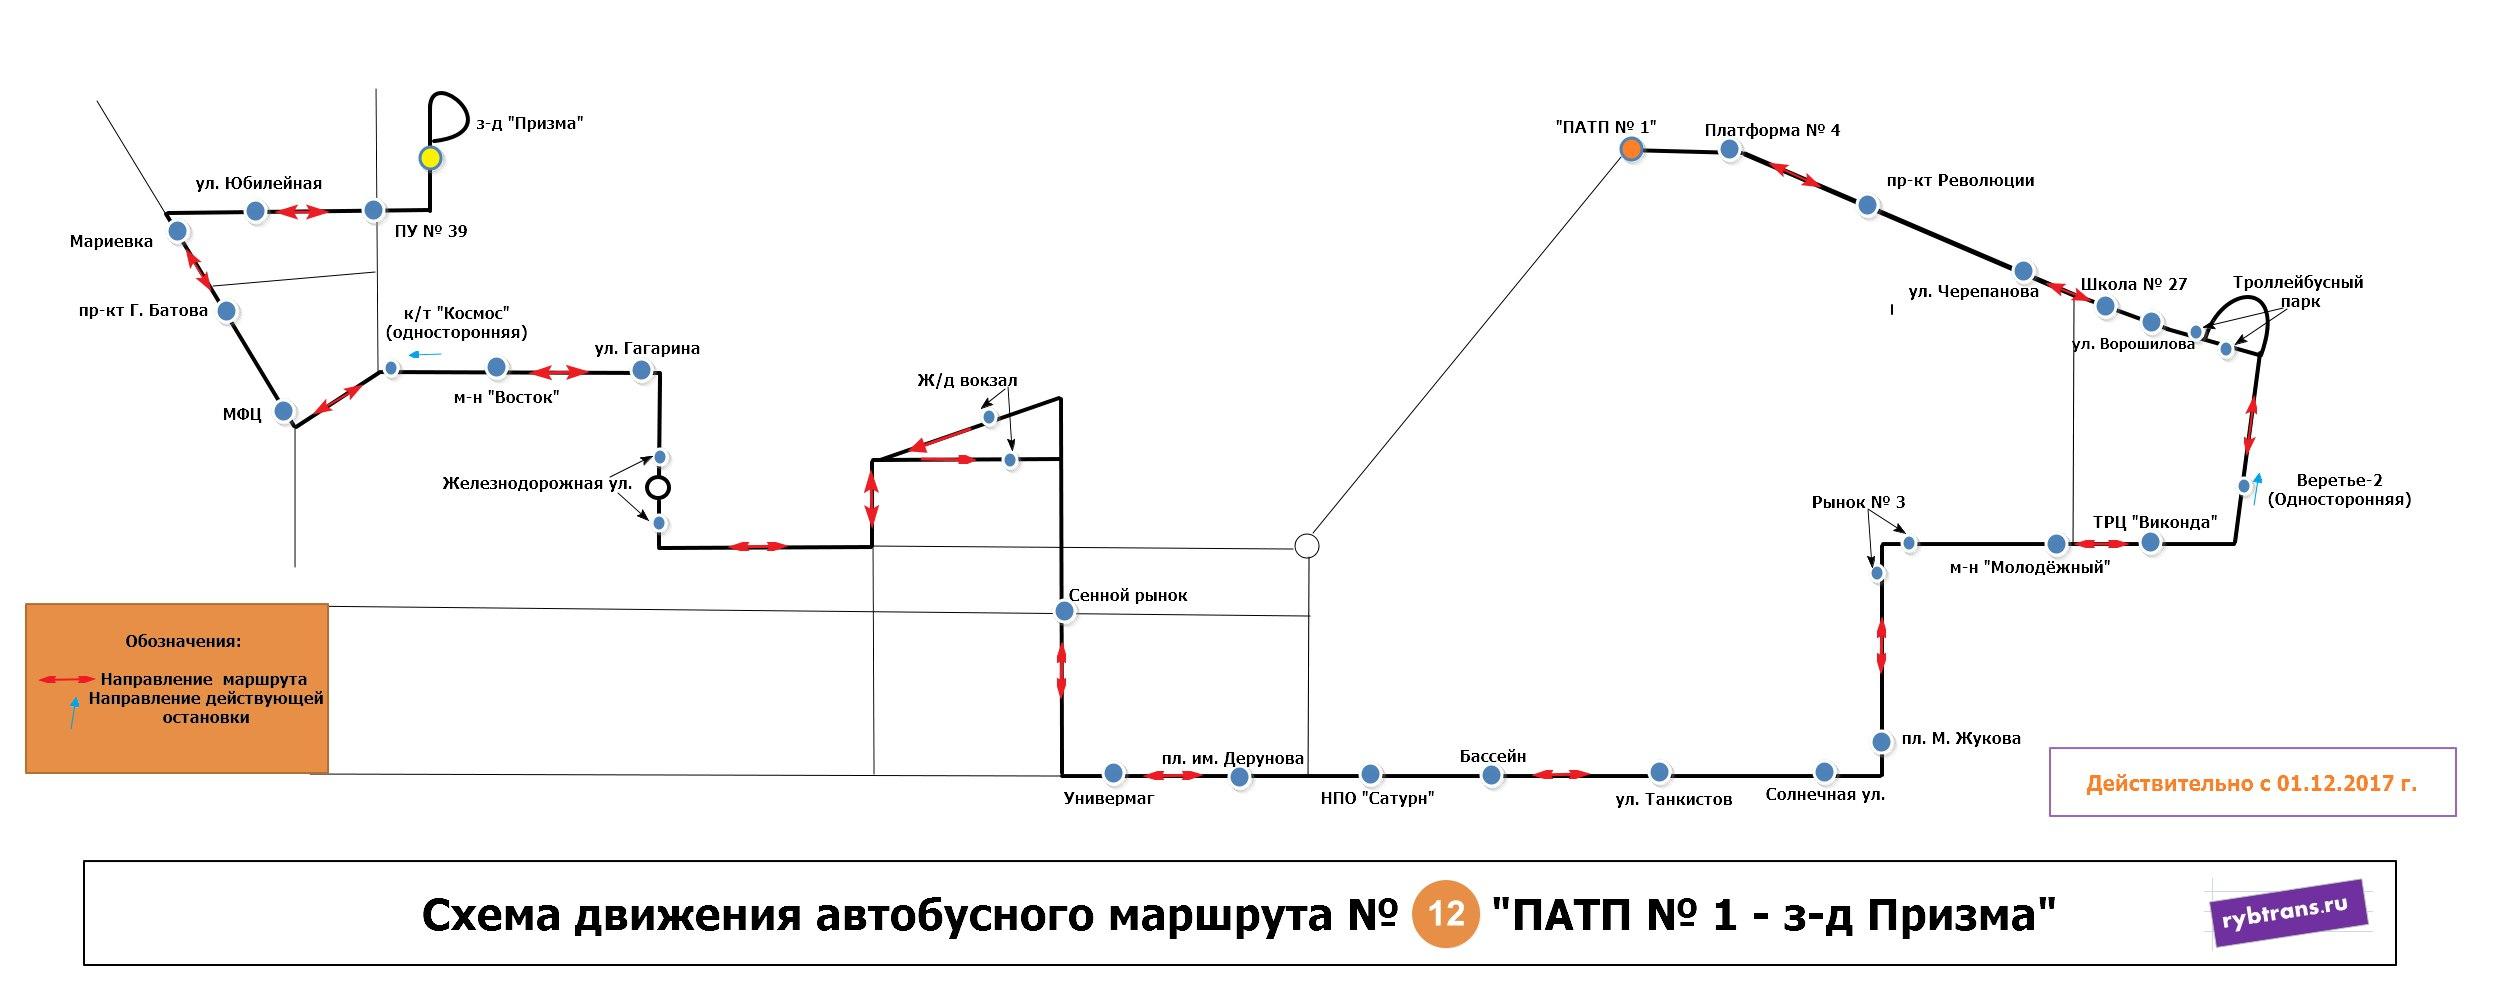 Схема маршрута автобус 3 рыбинск